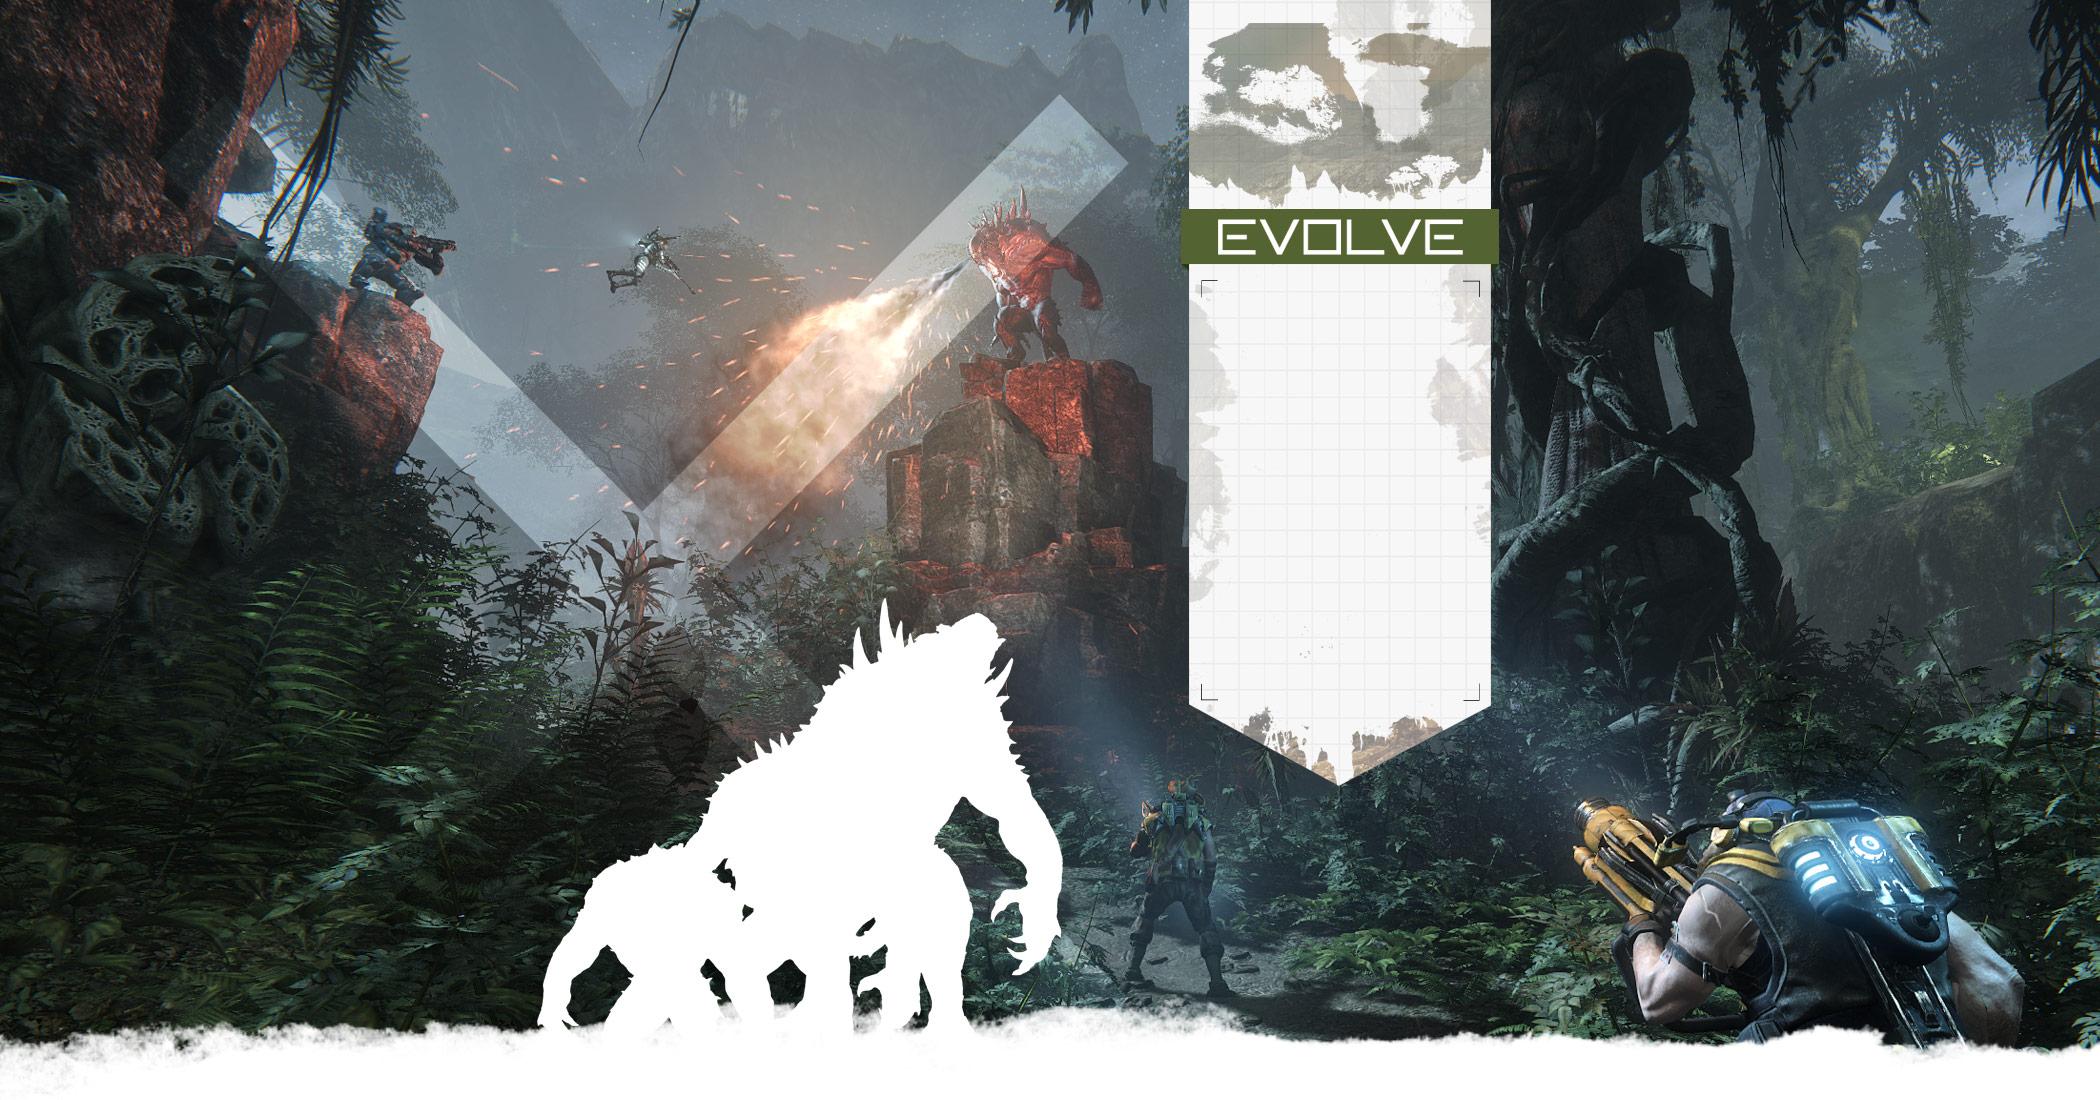 evolve-nature-picture